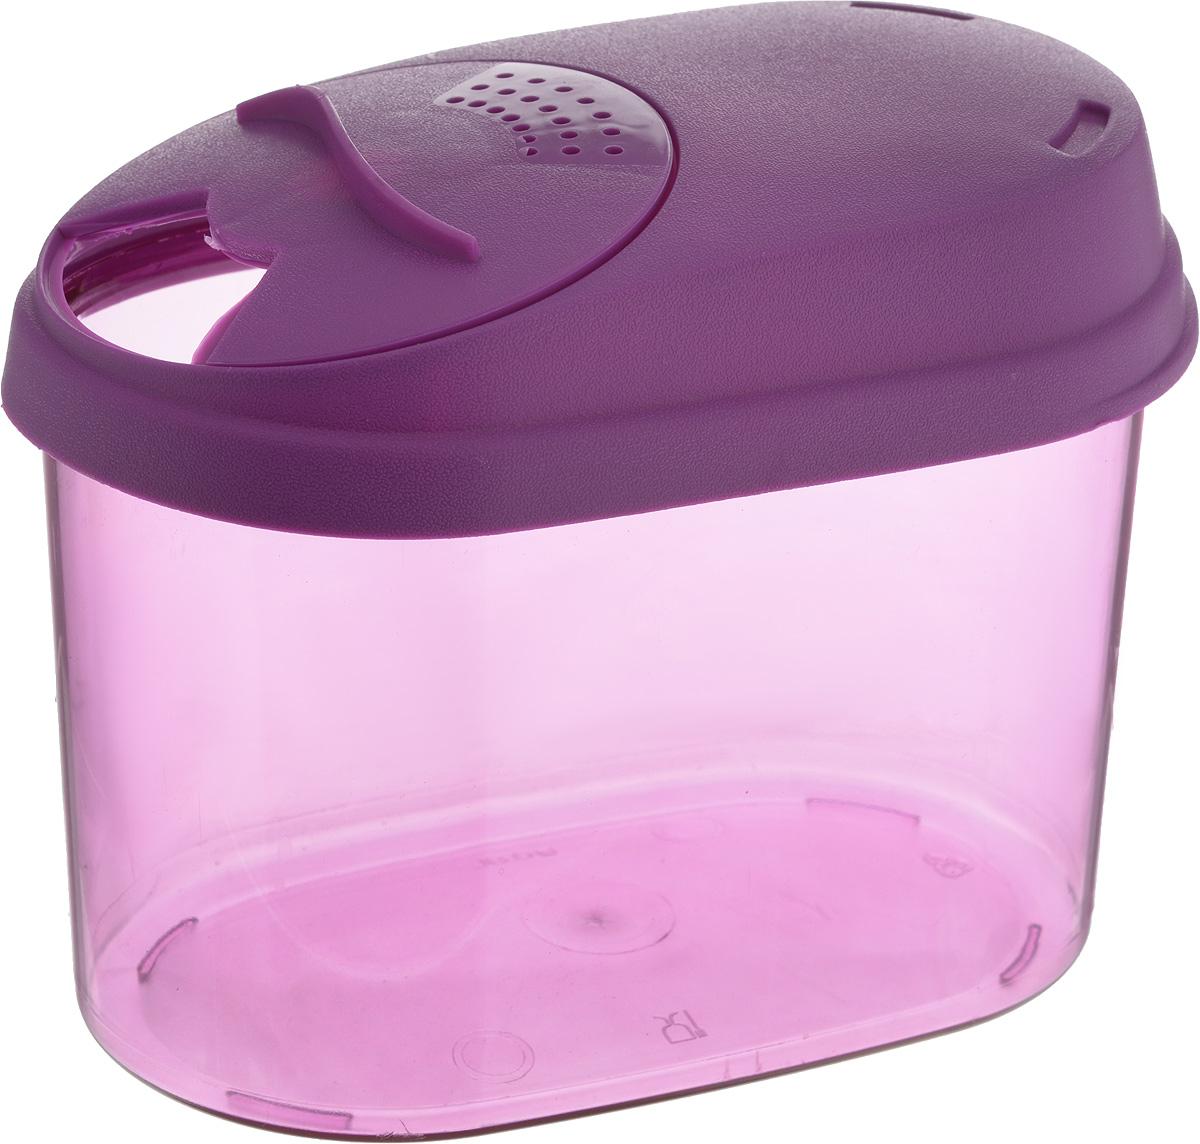 """Банка для сыпучих продуктов """"Giaretti"""" выполнена из высококачественного пластика. Банка  предназначена для хранения круп, сахара, макаронных изделий и в том числе для продуктов с  ярким ароматом (специи и прочее). Плотно прилегающая крышка не пропускает запахи  содержимого в шкаф для хранения, при этом продукт не теряет своего аромата. Двойной  дозатор предназначен для мелких и крупных сыпучих продуктов. Банки легко устанавливаются  одна на другую. Можно мыть в посудомоечной машине.  Объем: 0,8 л. Размер (по верхнему краю): 14,5 x 8,5 см. Высота (с учетом крышки): 11 см."""